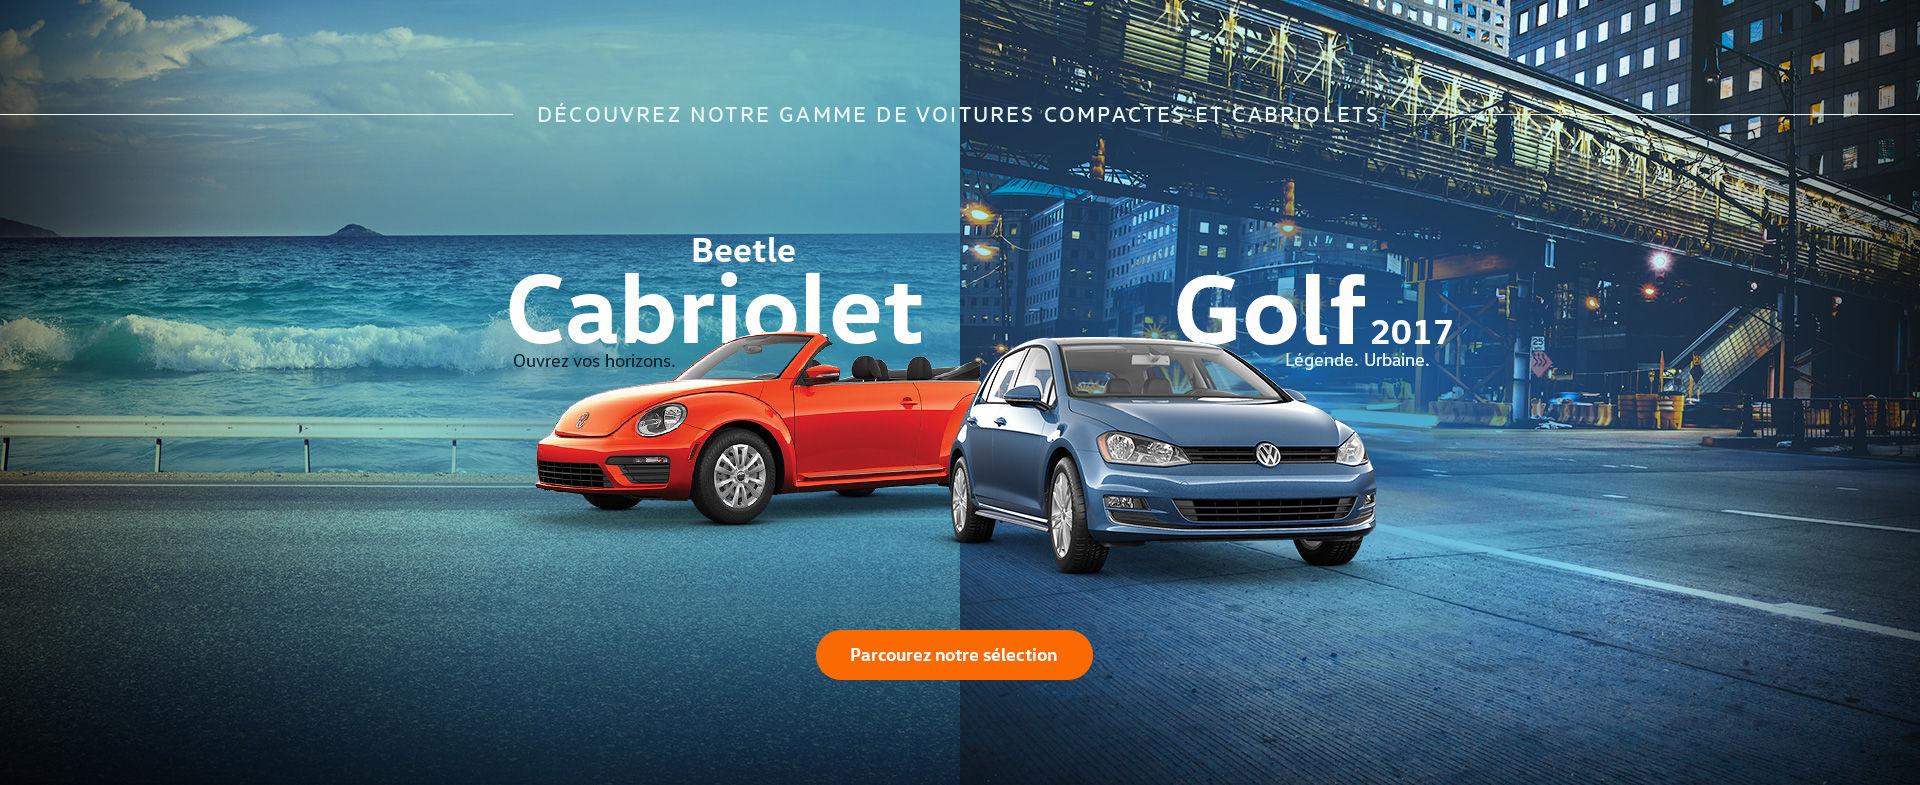 Découvrez notre gamme de voitures compactes et cabriolets